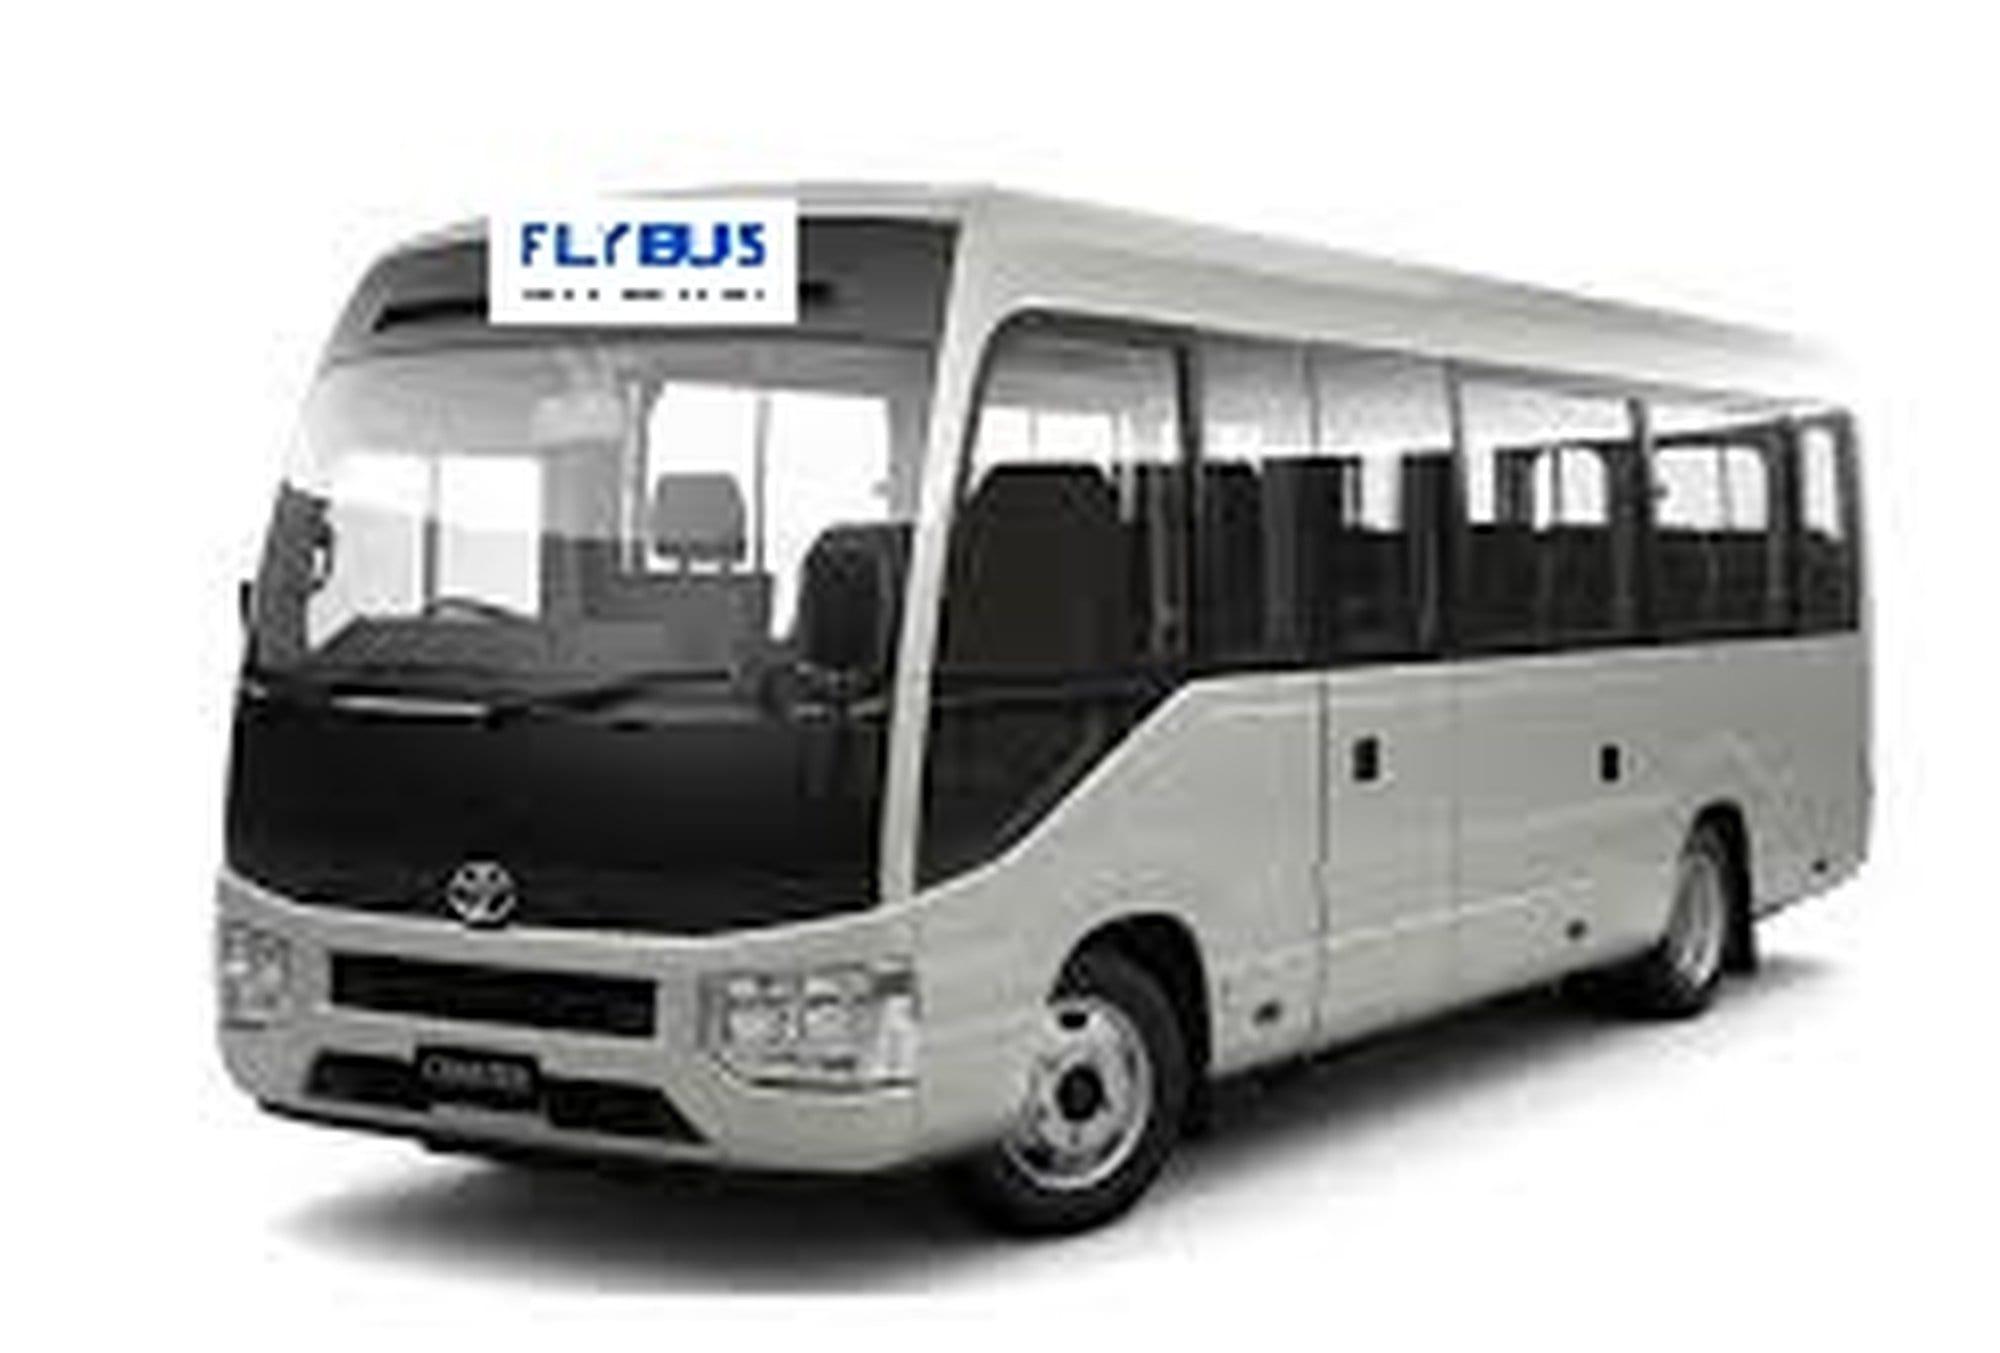 flybus minibus hire fleet 21 seater minibus white color